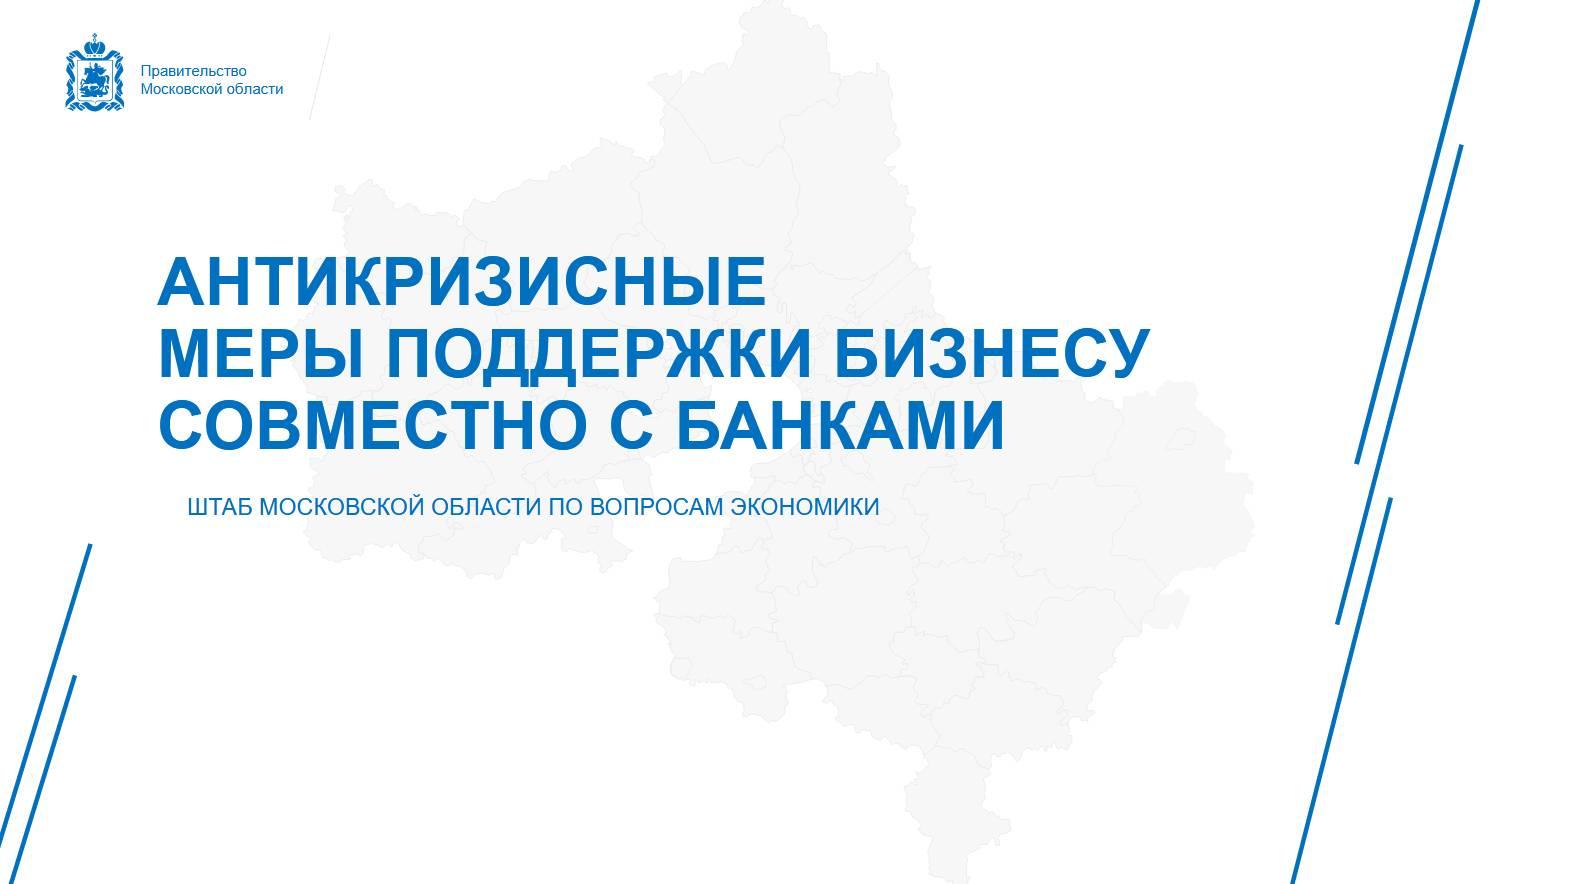 Подмосковье: Антикризисные меры поддержки бизнесу совместно с банками